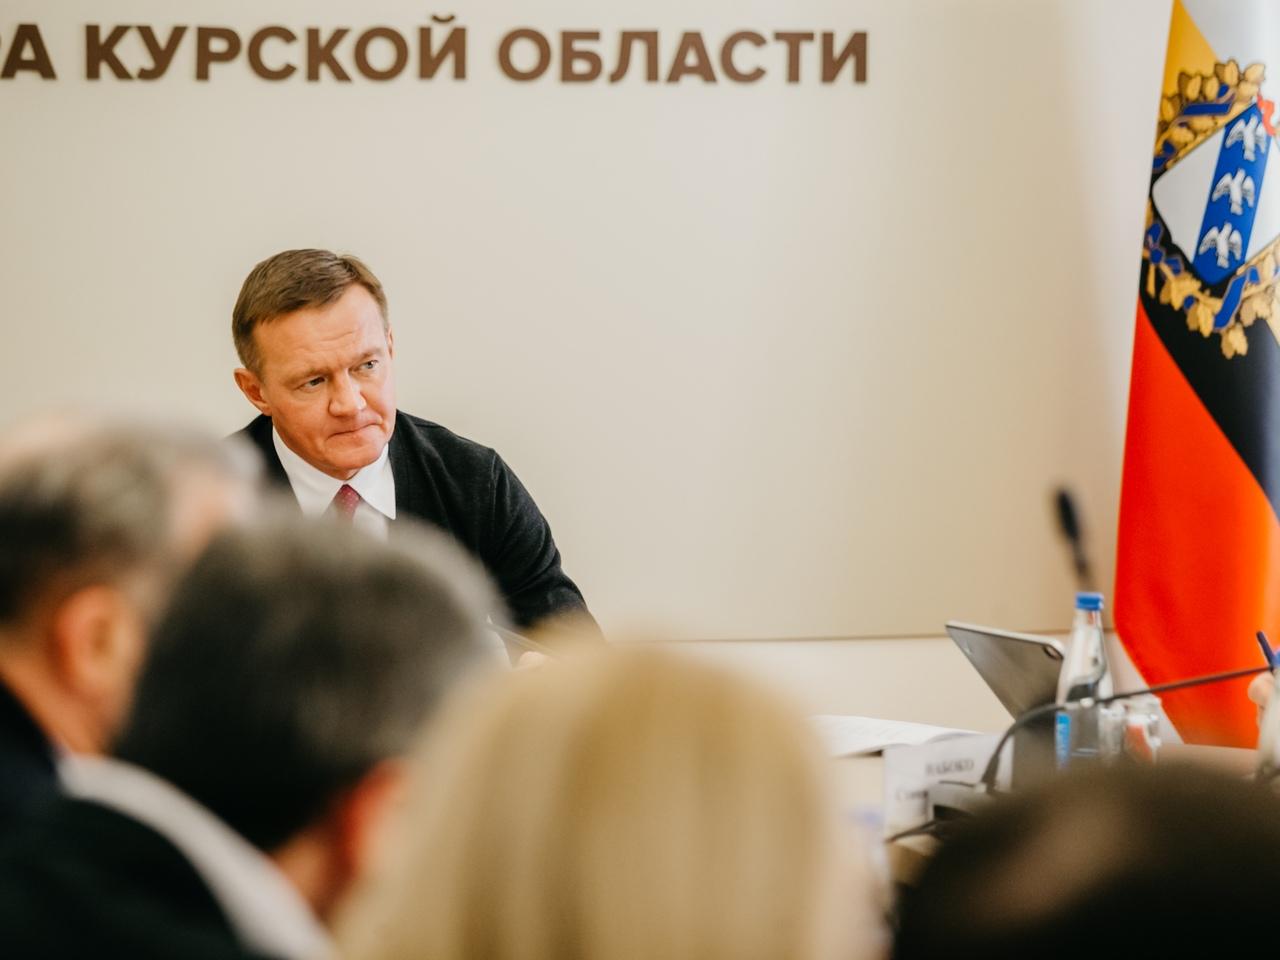 Роман Старовойт объяснил, почему в Курской области нельзя отменить транспортный налог